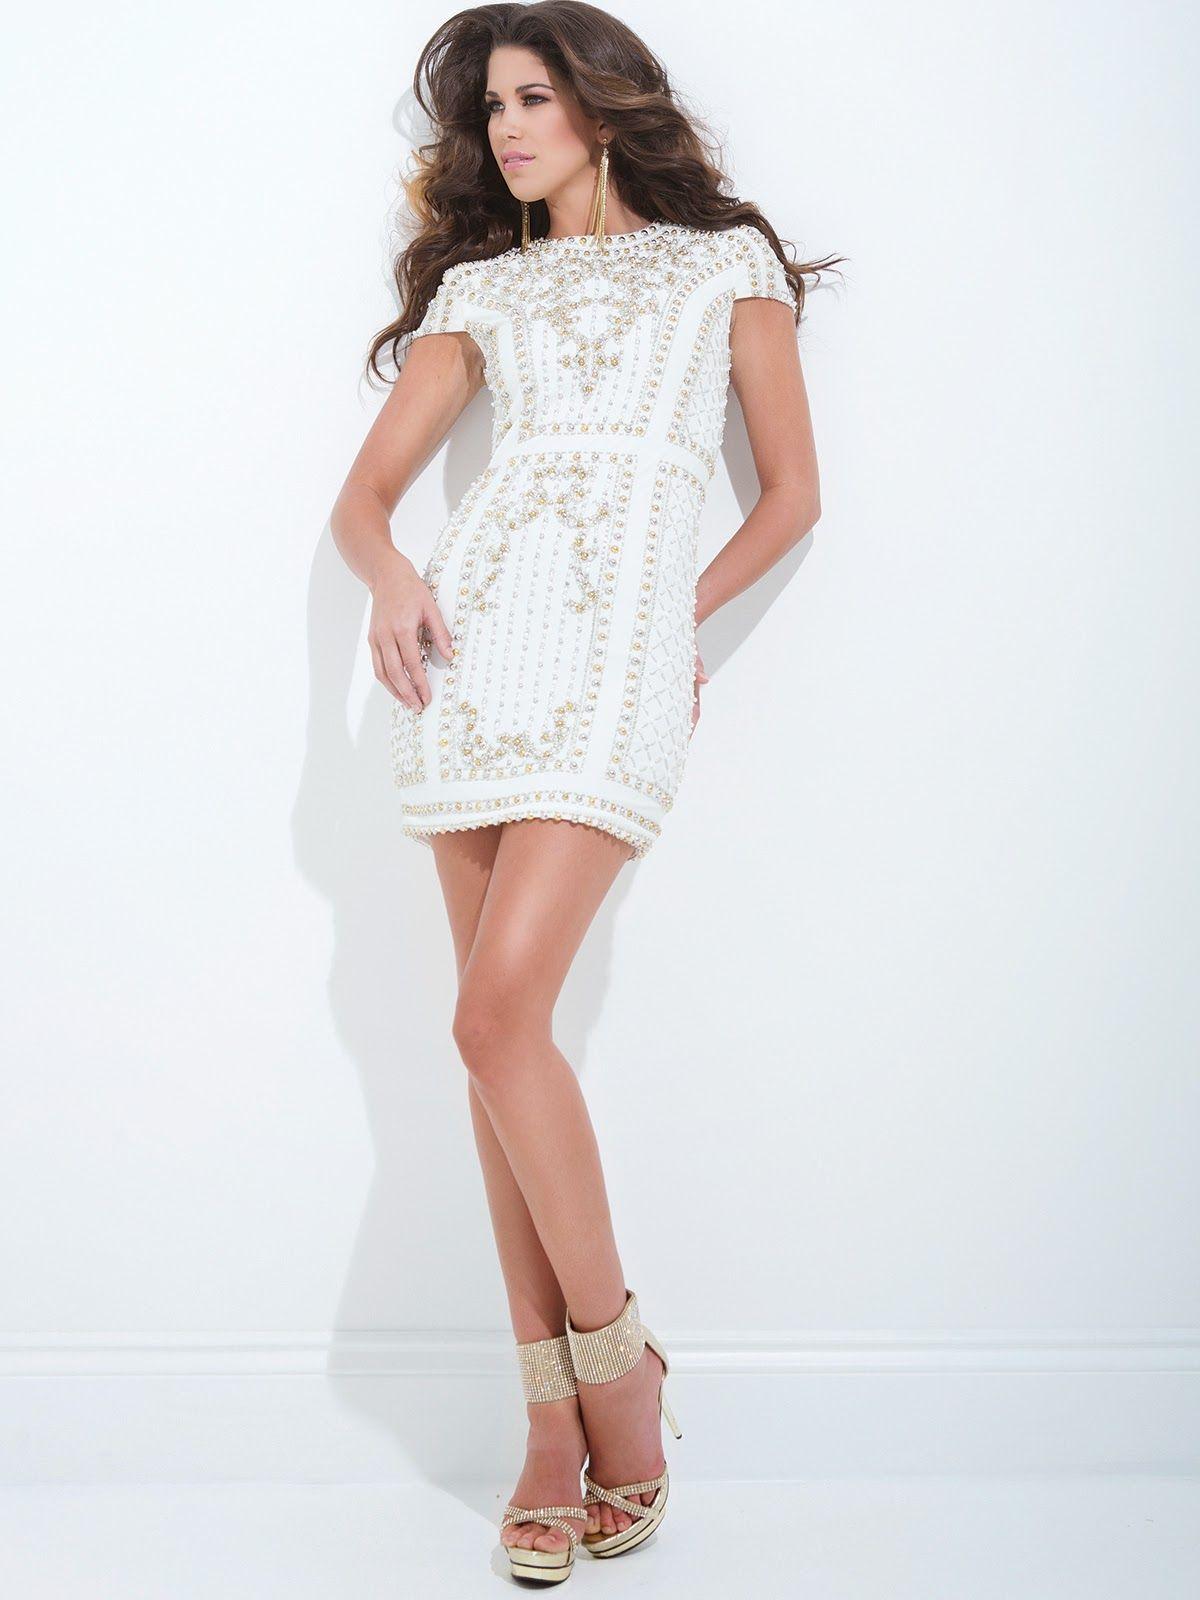 Increibles vestidos de fiesta baratos | Tendencias